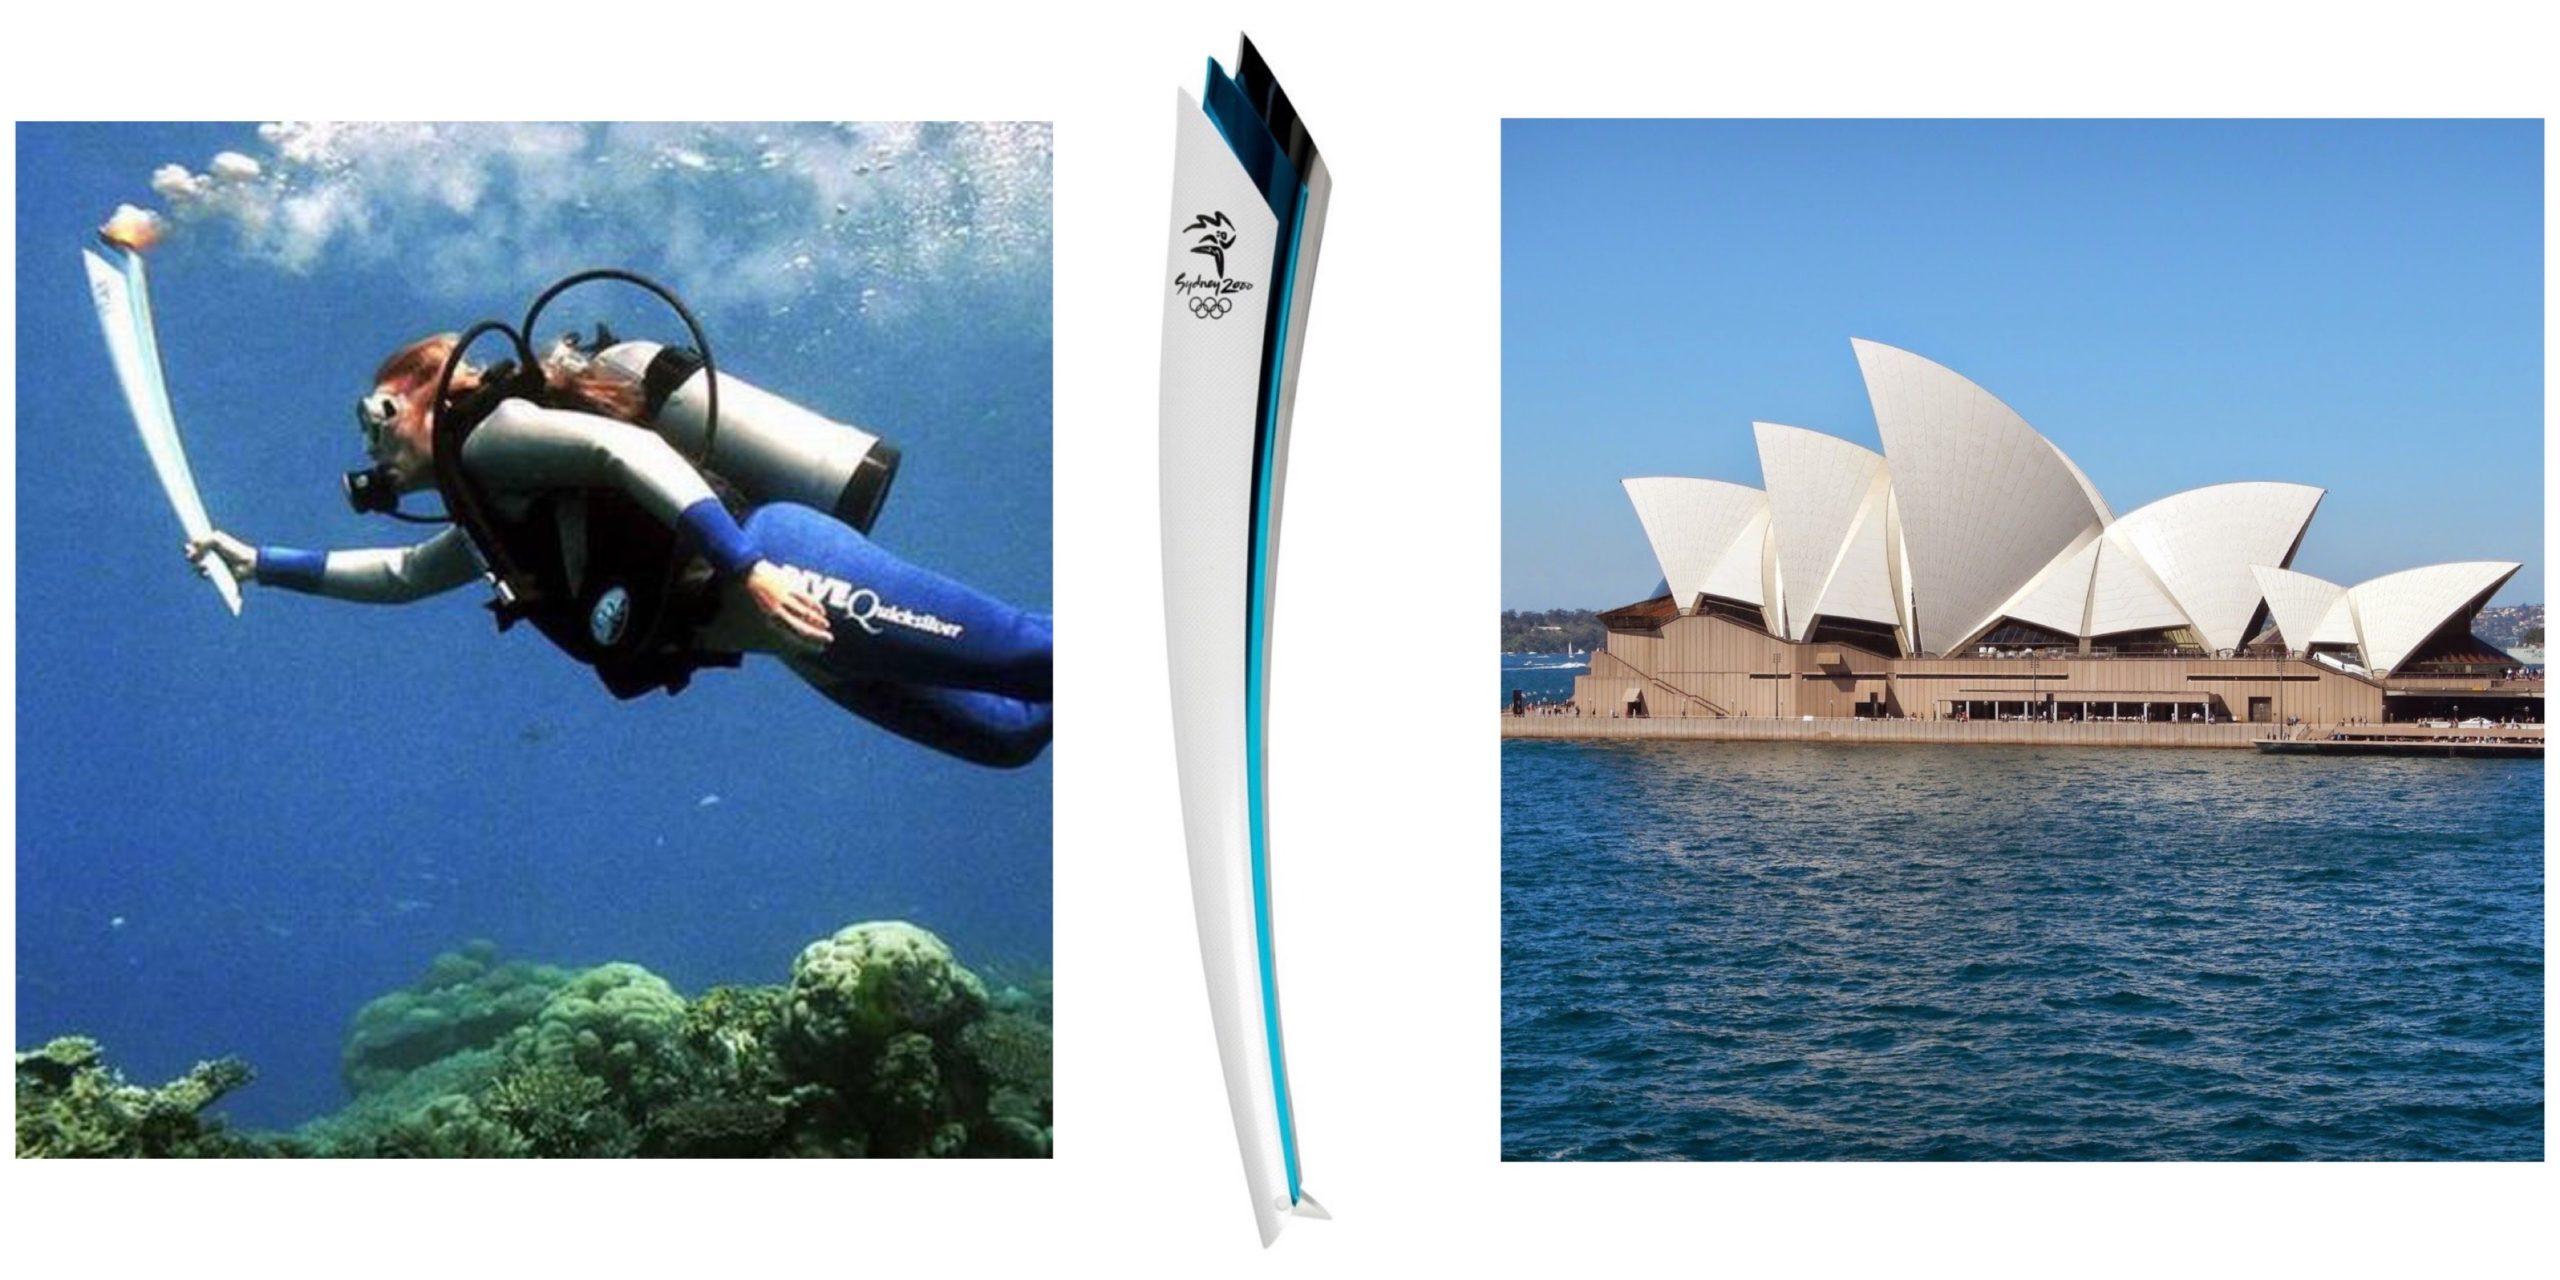 """Momento em que a tocha """"mergulhou"""" pela primeira vez / Teatro de Sidney que inspirou o design da tocha Olímpica dos Jogos Olímpicos de 2000"""